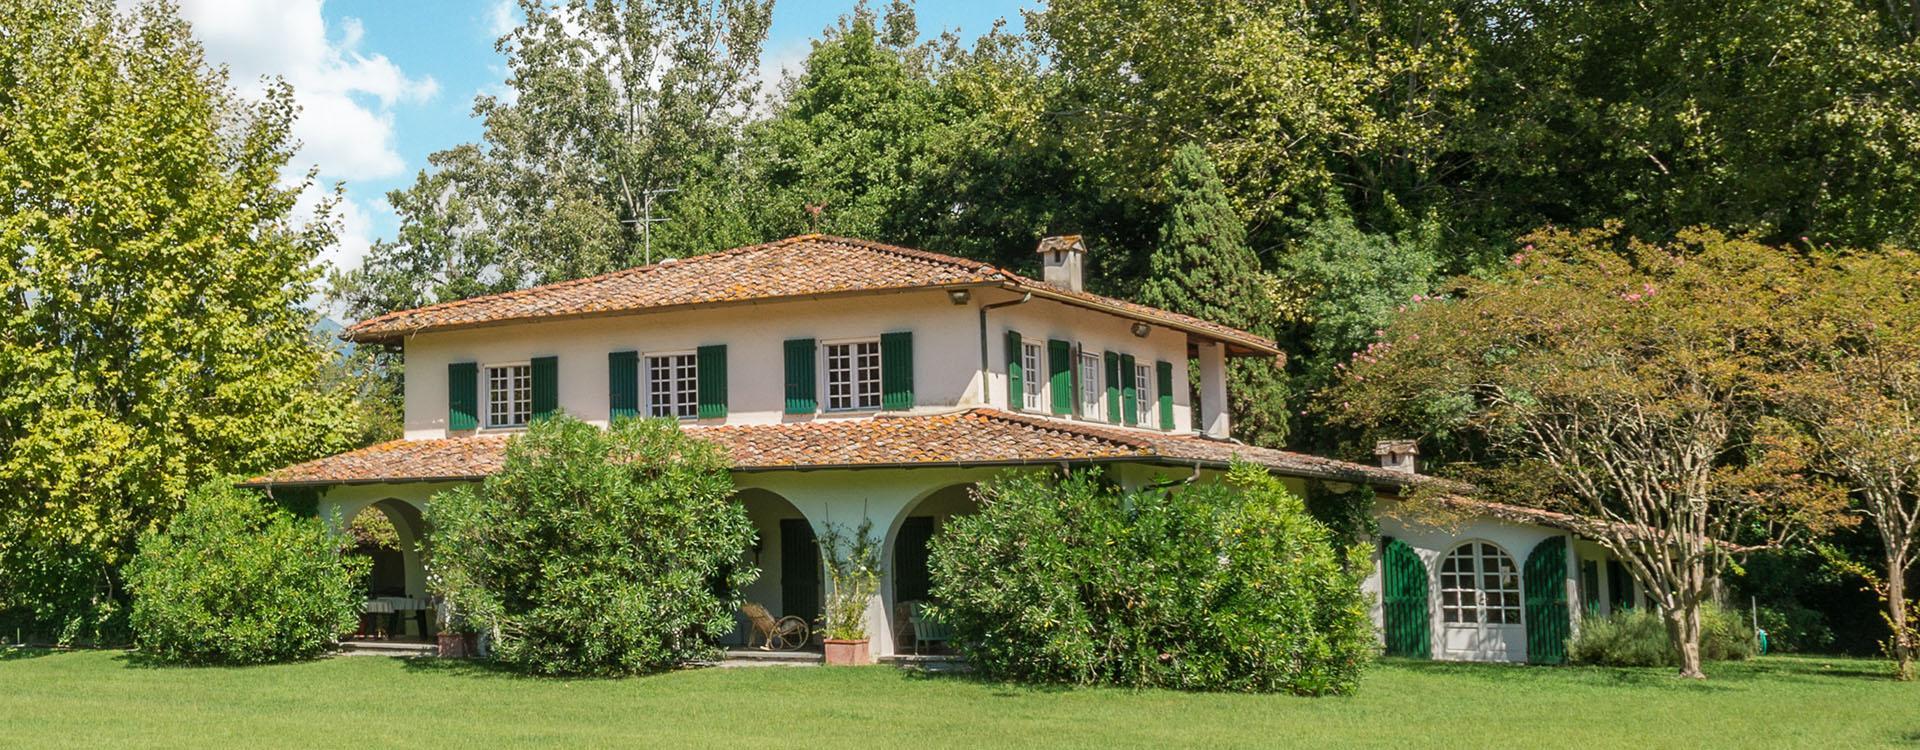 Villa immersa nel verde in vendita a Forte dei Marmi con piscina e grande parco